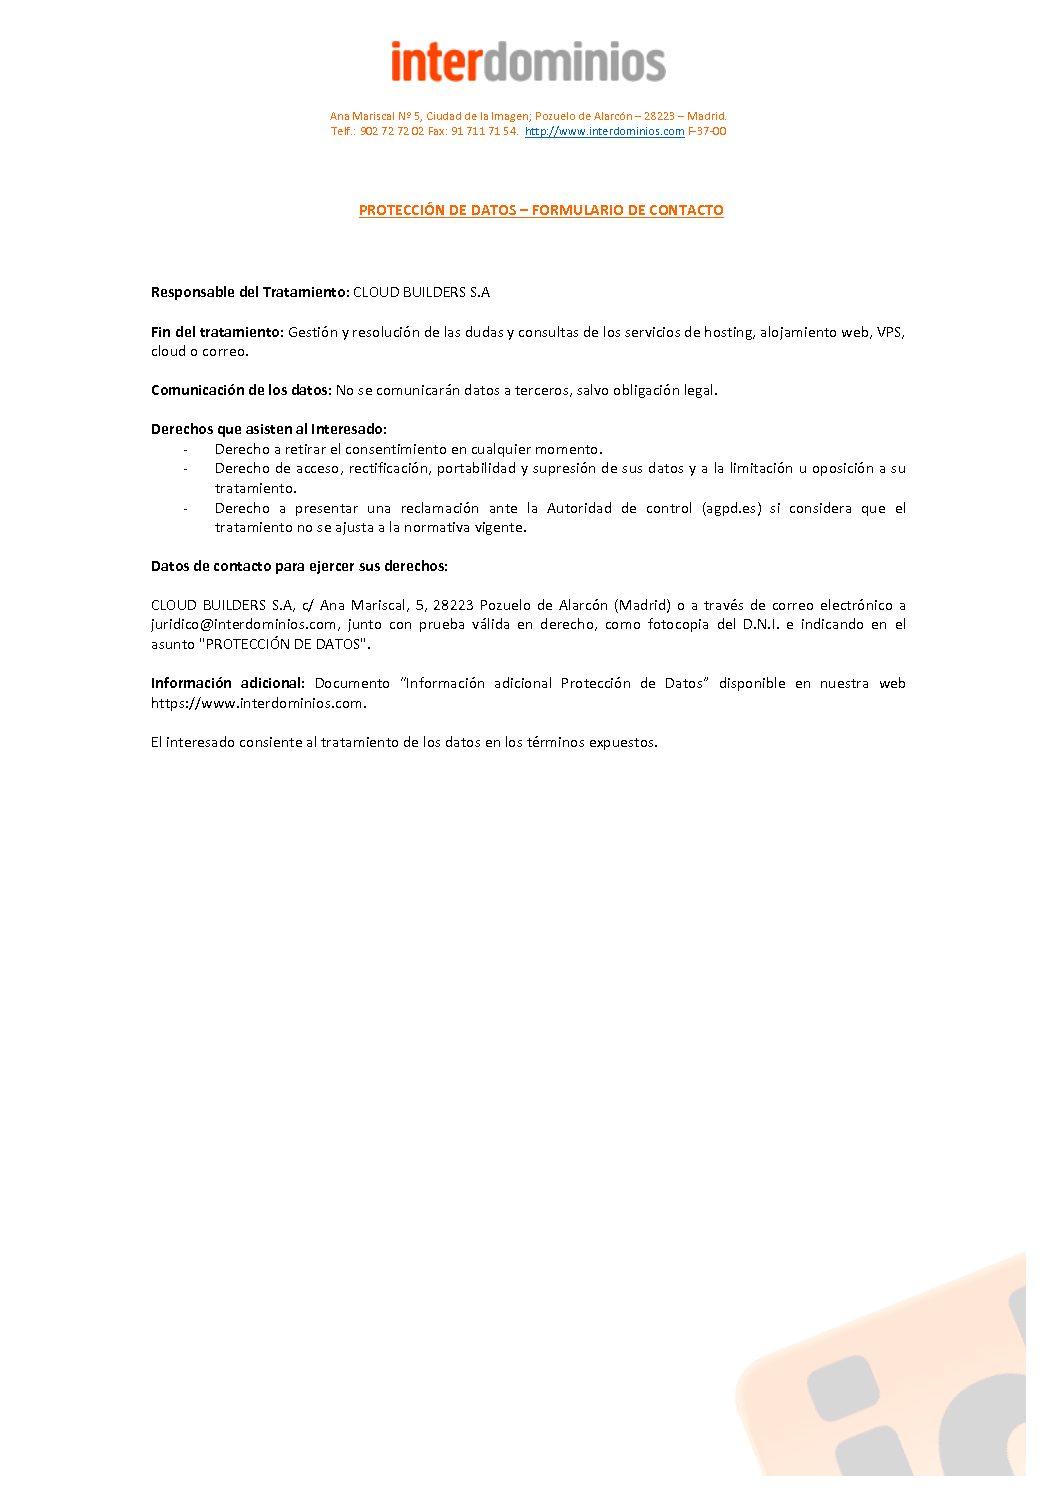 F-37 PROTECCION DE DATOS - Formulario de contacto (2)